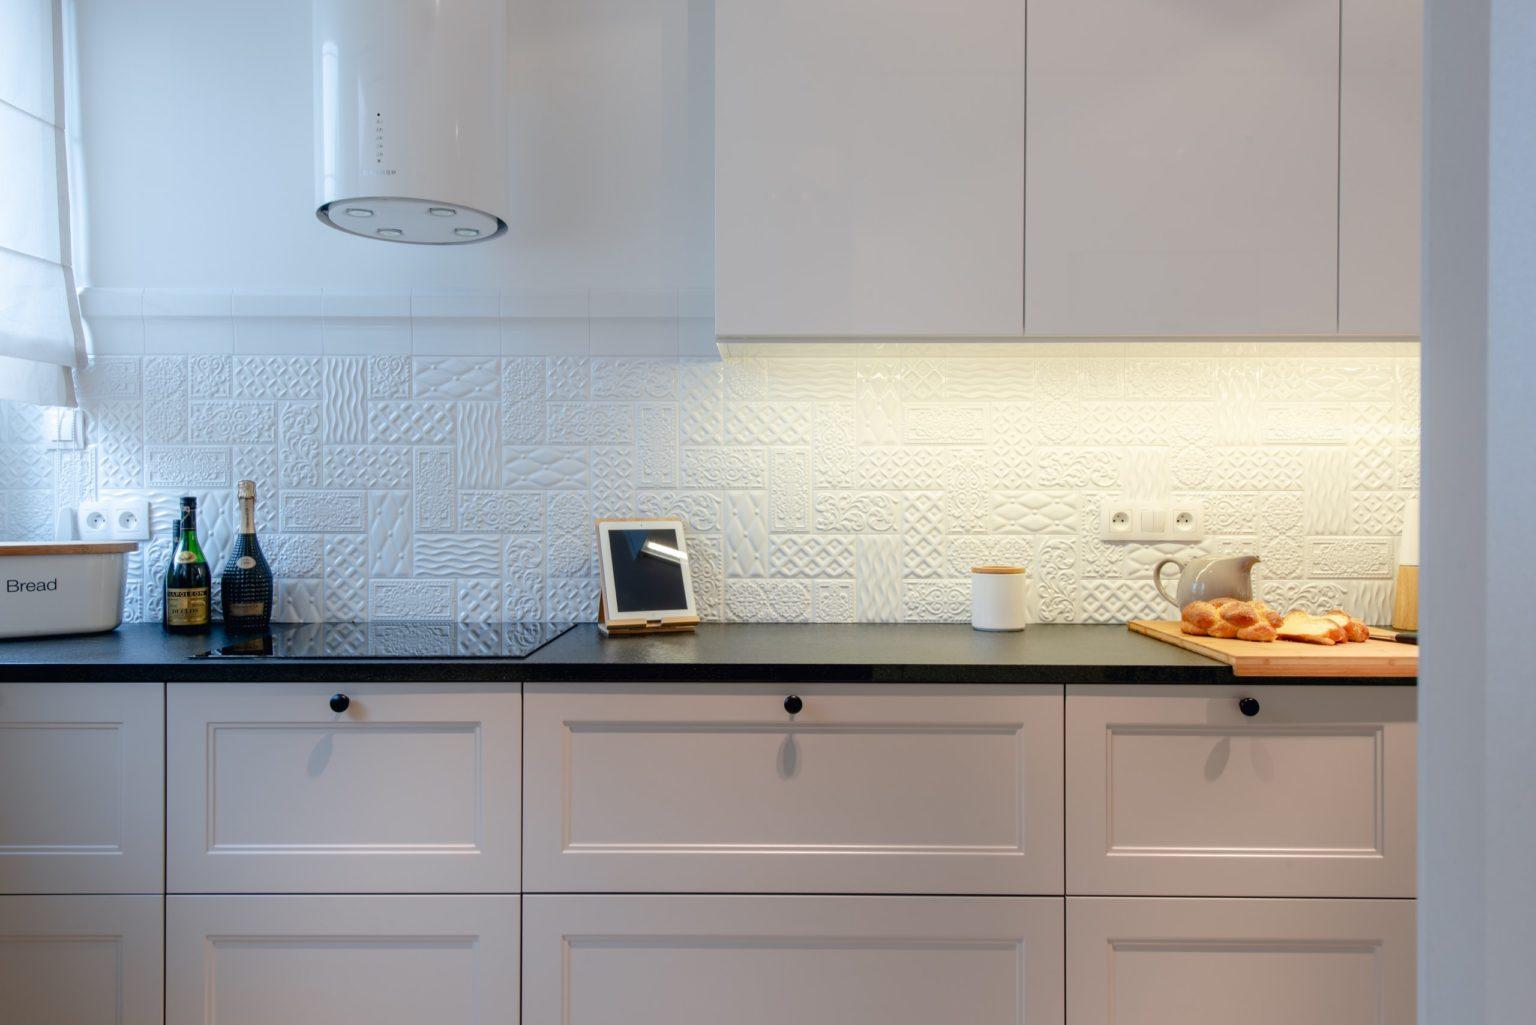 Widok na kuchnie - blat i okap